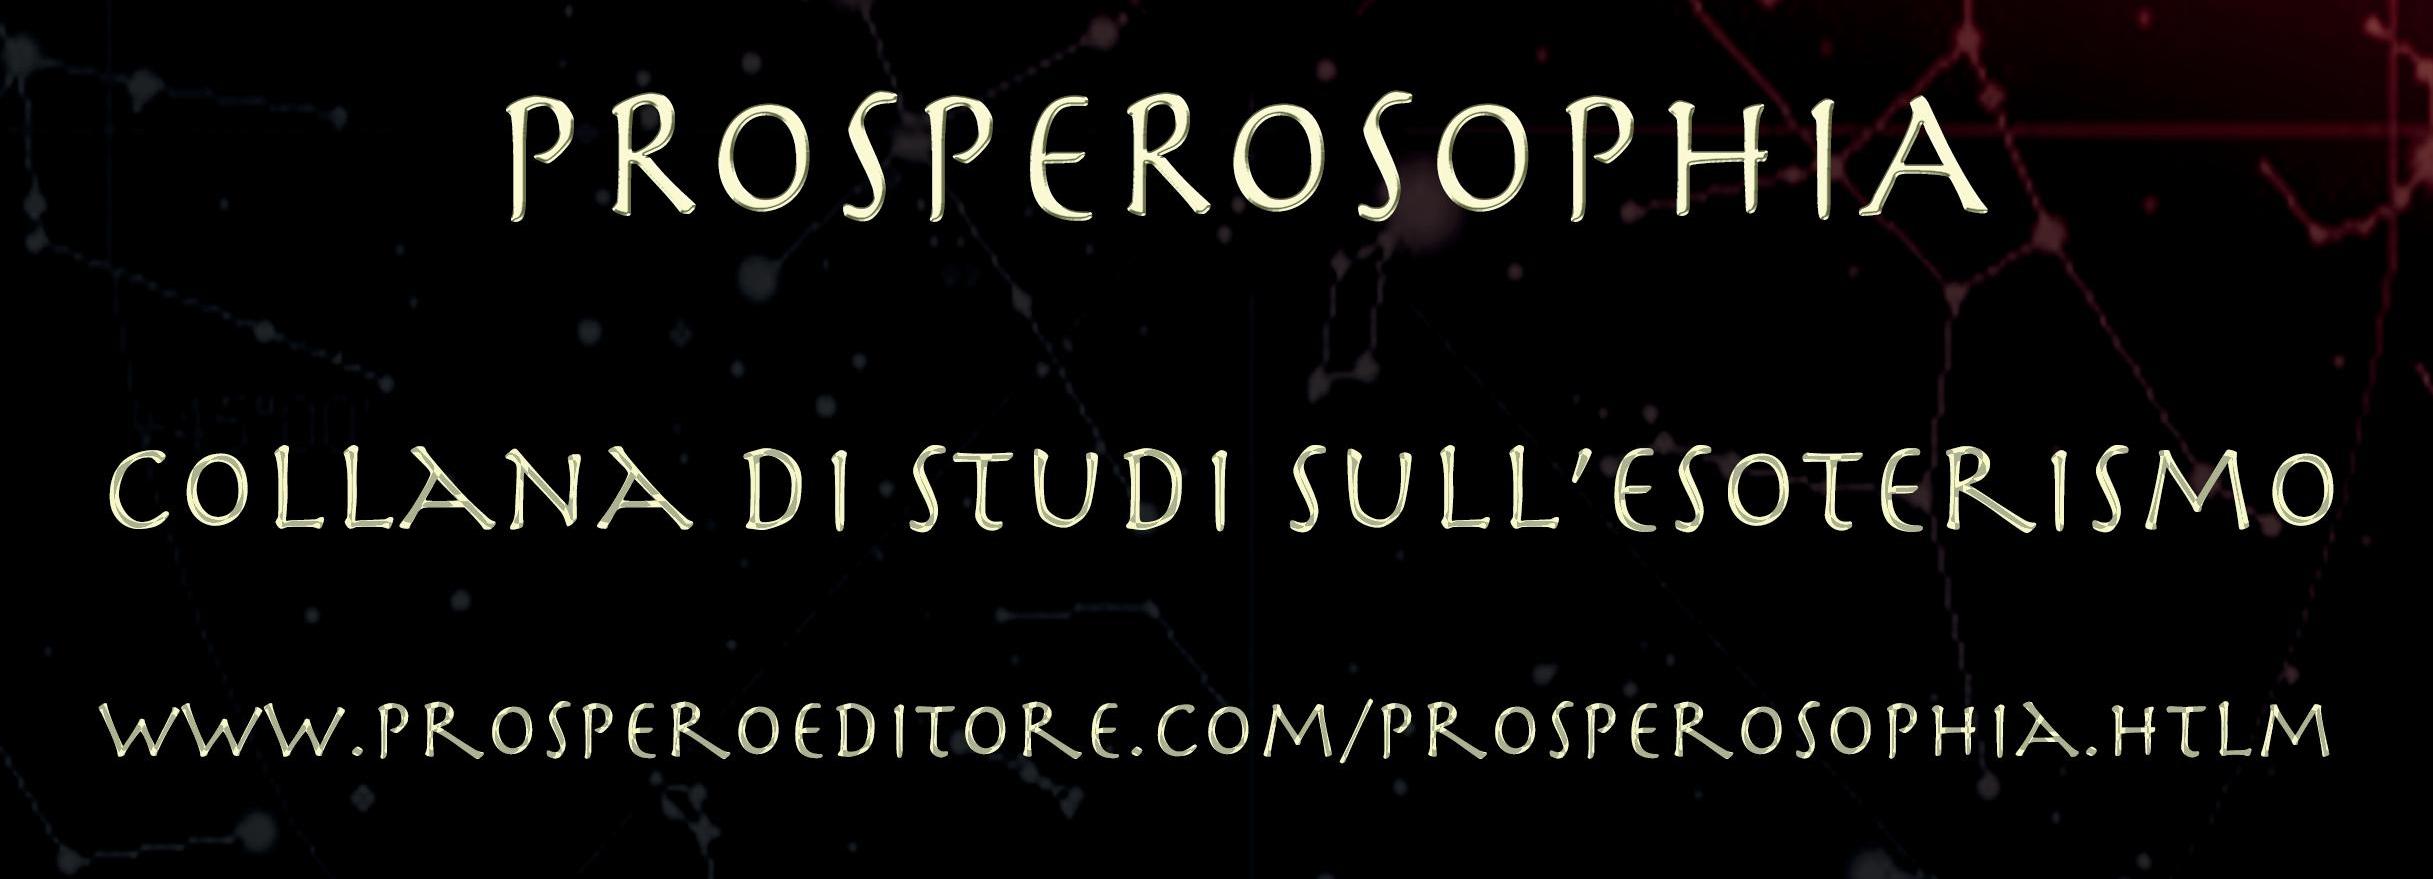 Prosperosophia.  Collana di studi sull'esoterismo.